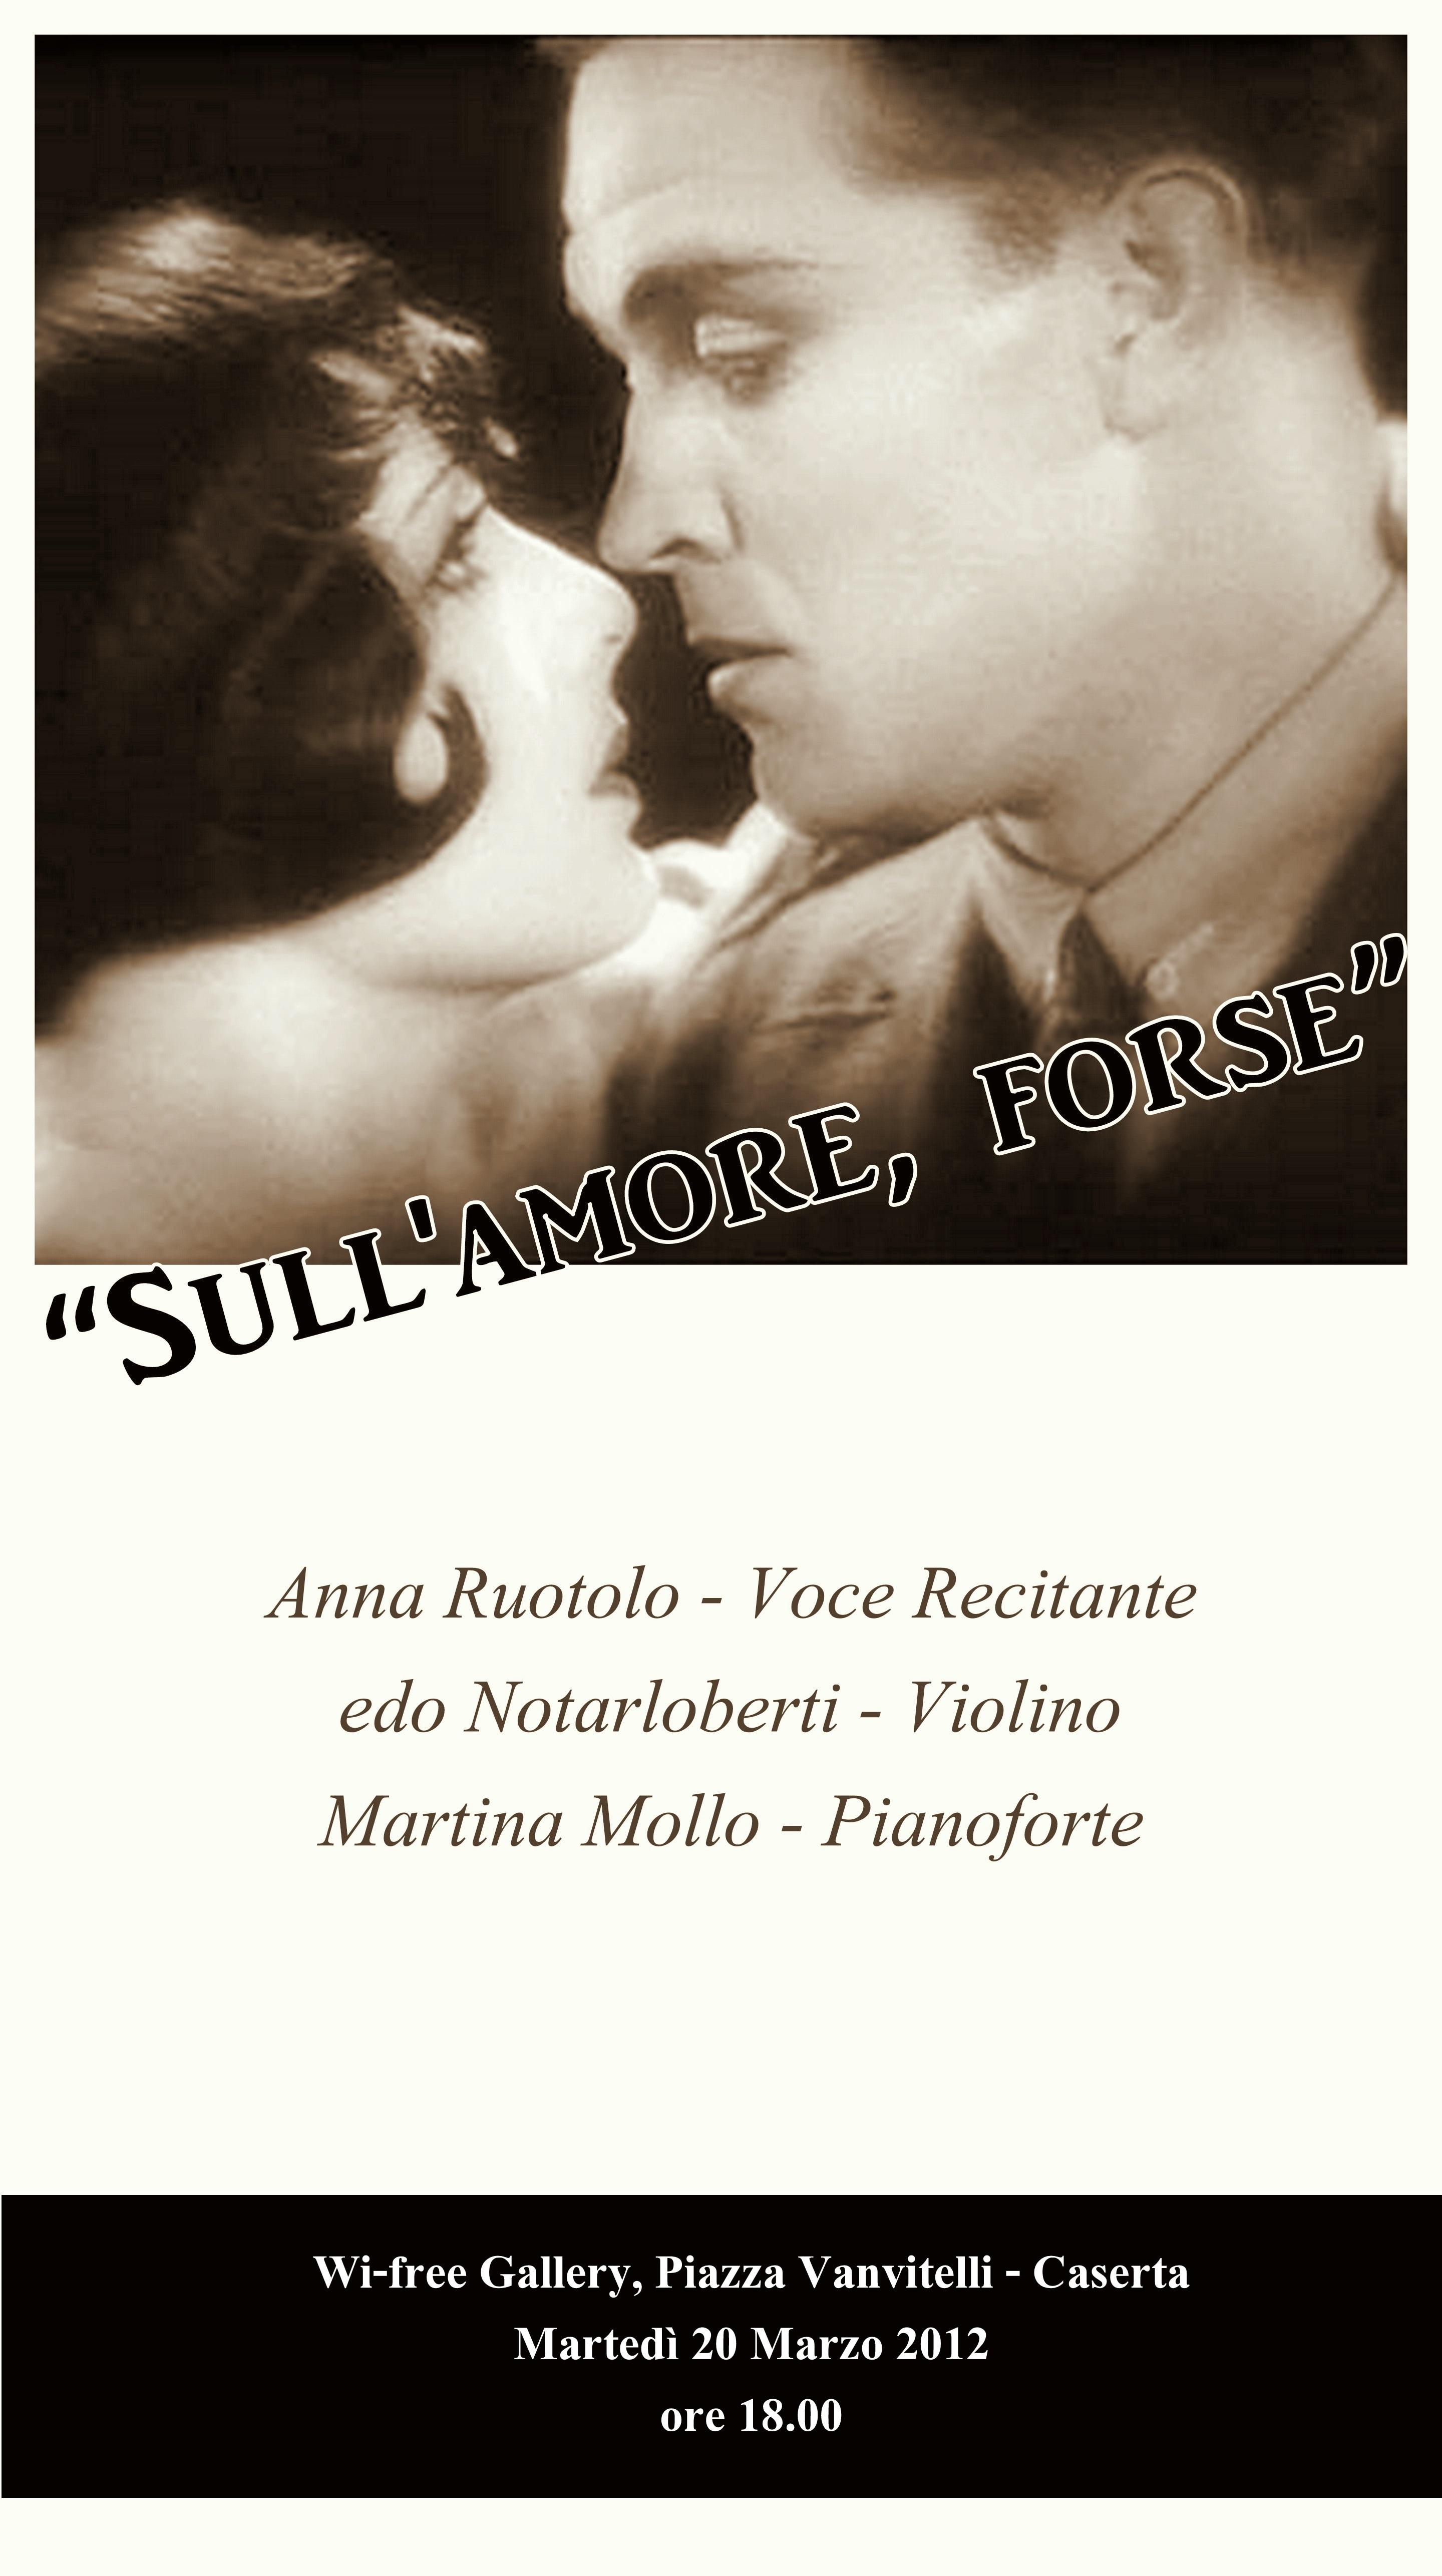 """Caserta, 20 Marzo 2012, ore 18.00 – """"Sull'amore, forse"""""""